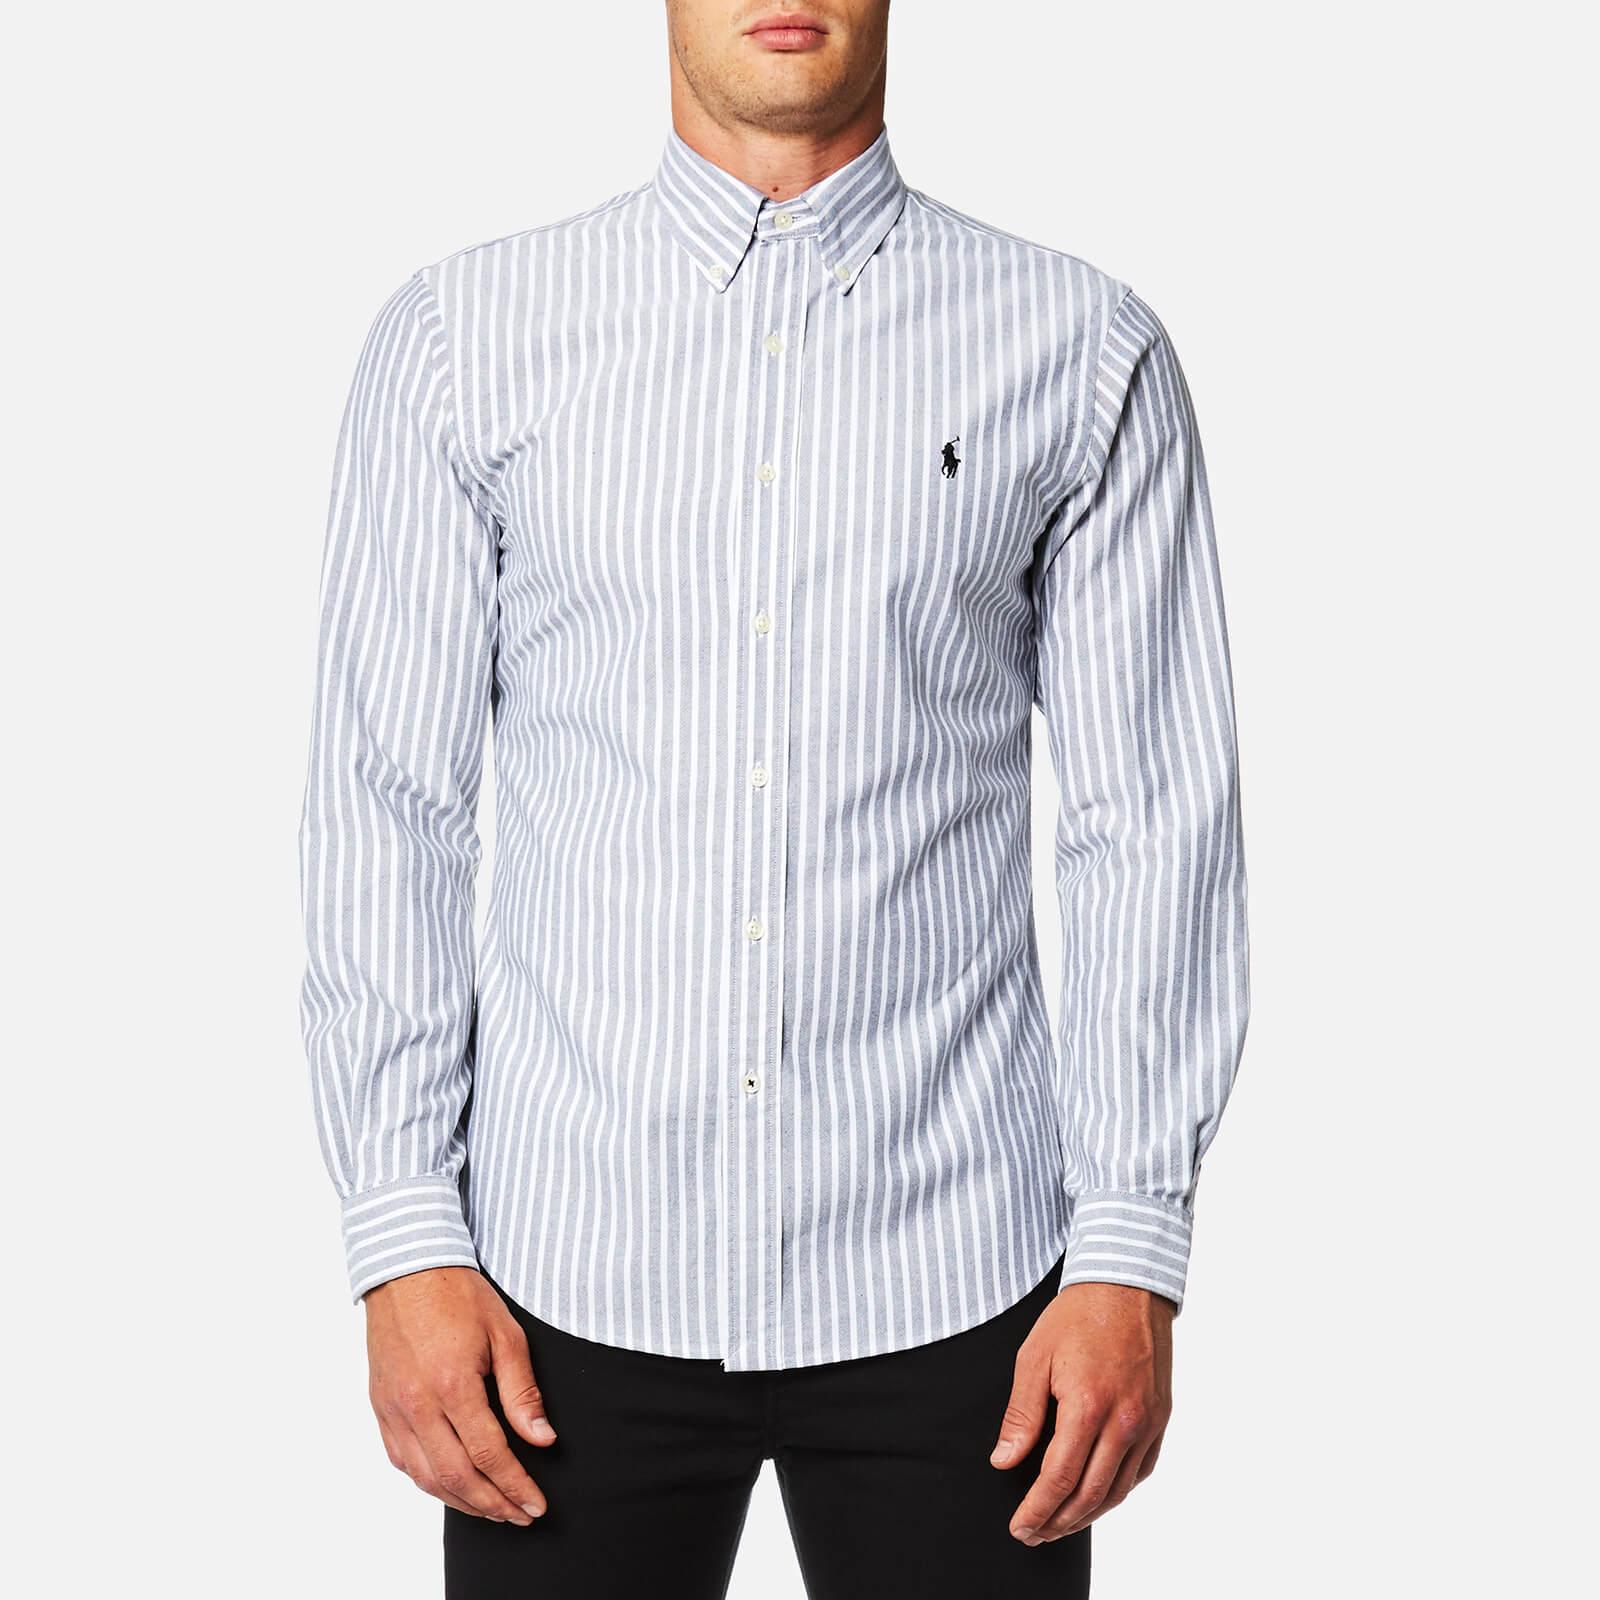 e851f3e8 Polo Ralph Lauren Men's Oxford Stripe Slim Fit Shirt - Grey/White - Free UK  Delivery over £50